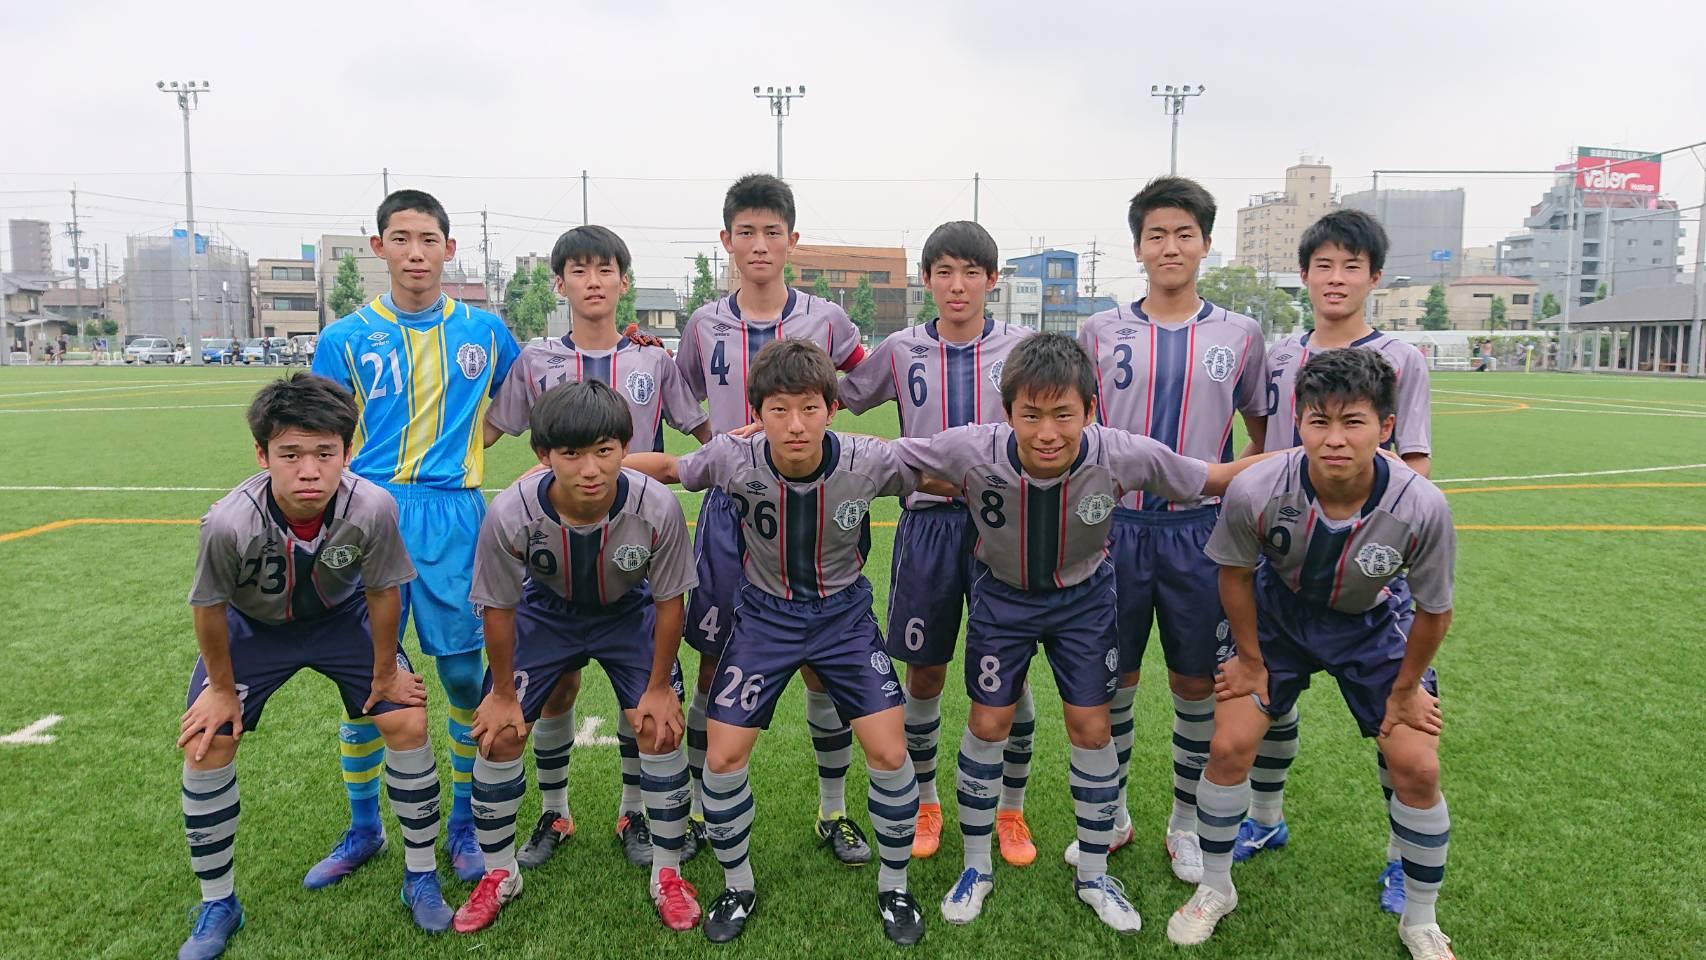 高円宮杯JFA U-18 サッカーリーグ2019